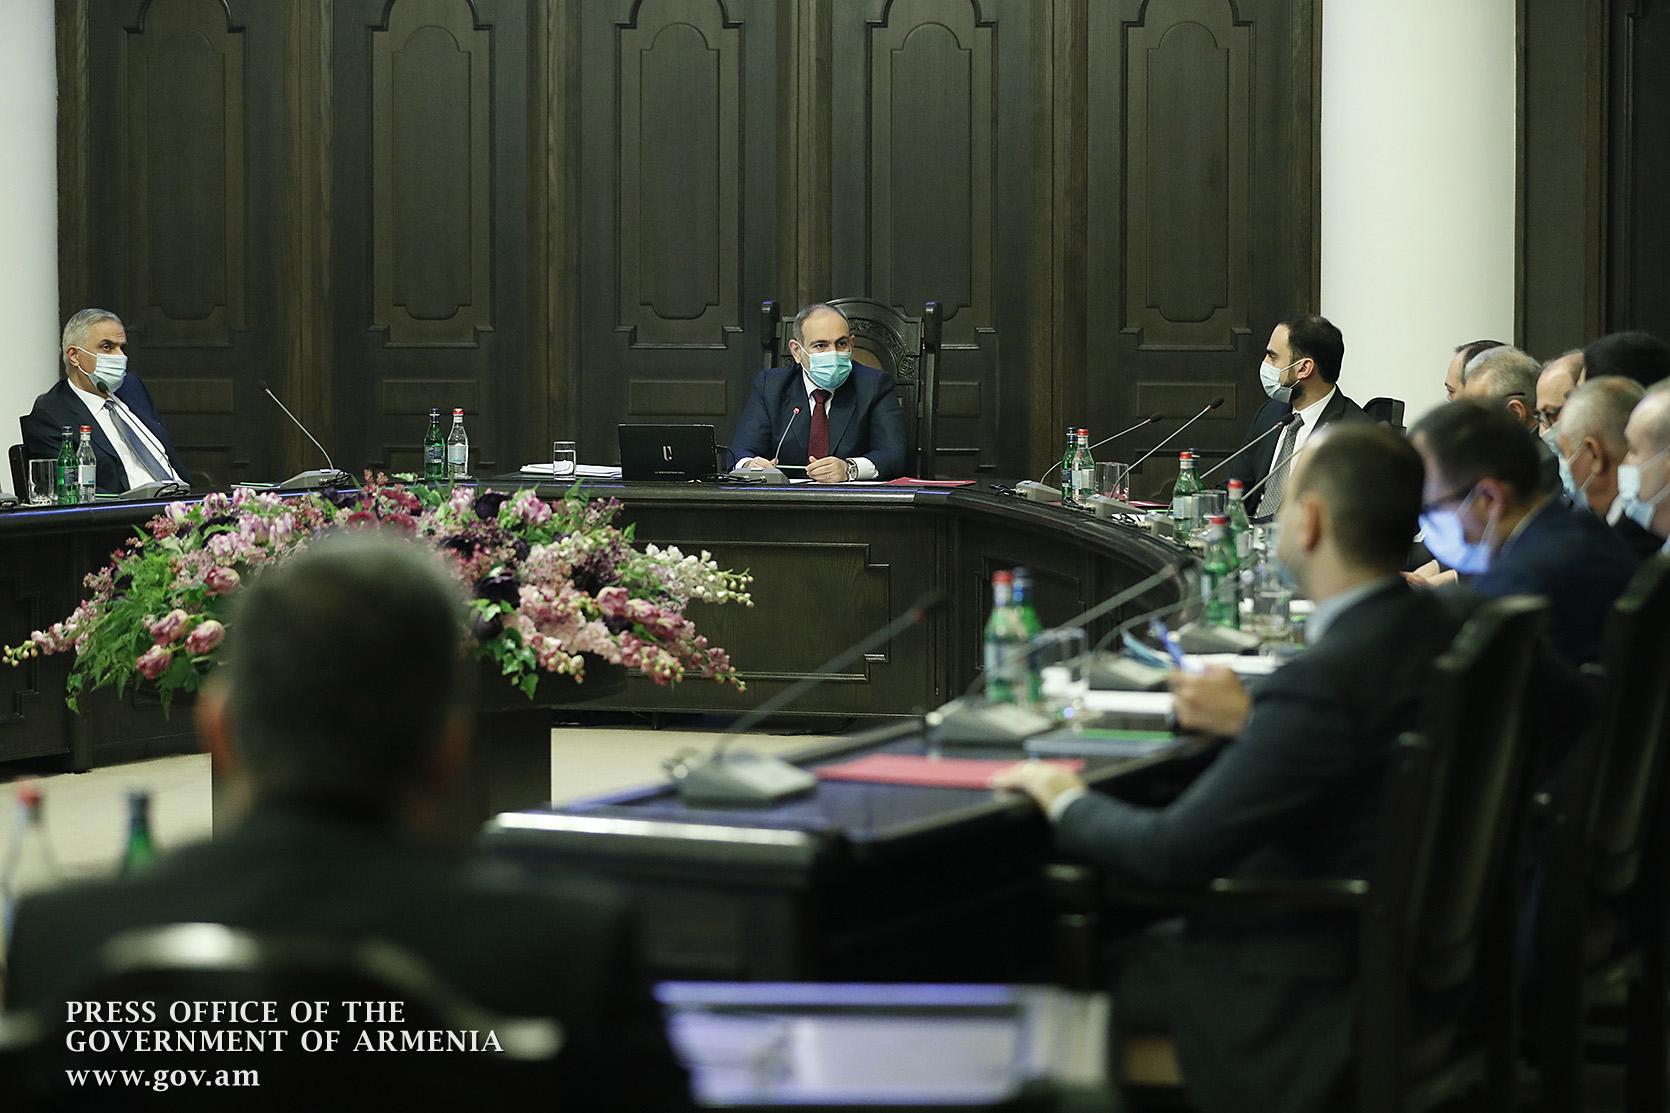 Photo of Հայաստանը մտնում է դատական համակարգի բարեփոխումների շատ կարևոր փուլ. Նիկոլ Փաշինյան